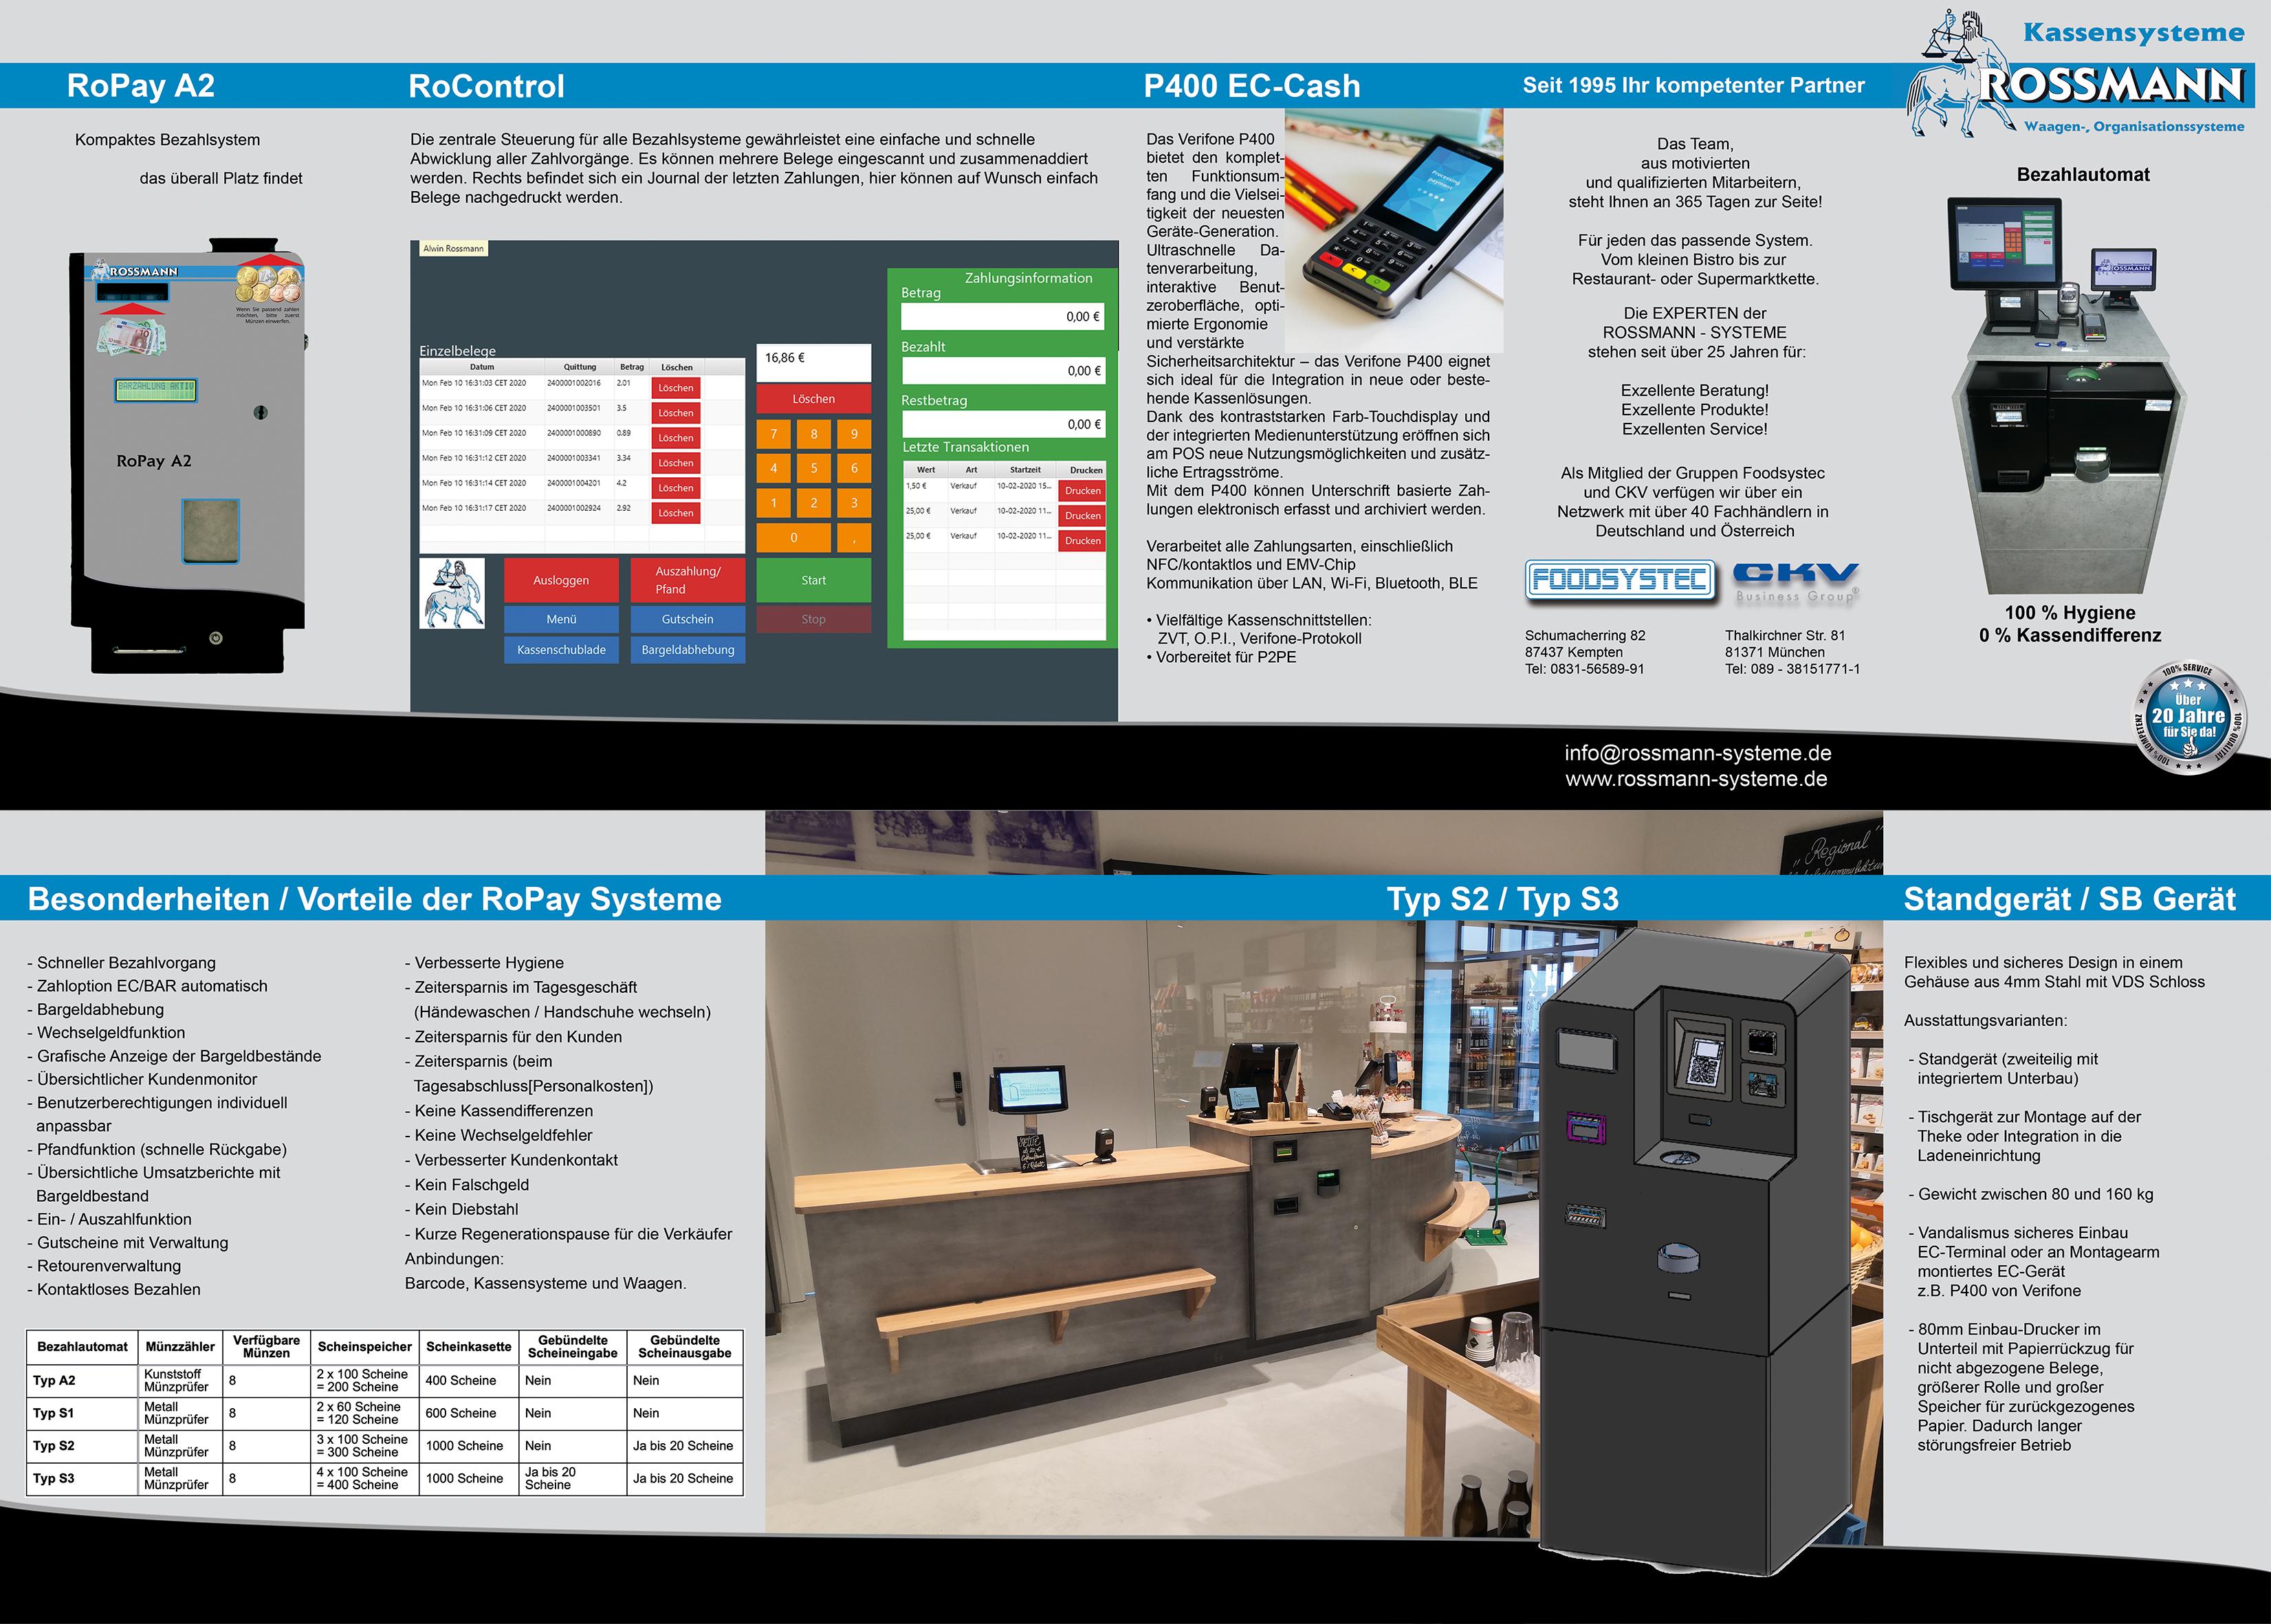 Bezahlsysteme - Bezahlautomaten